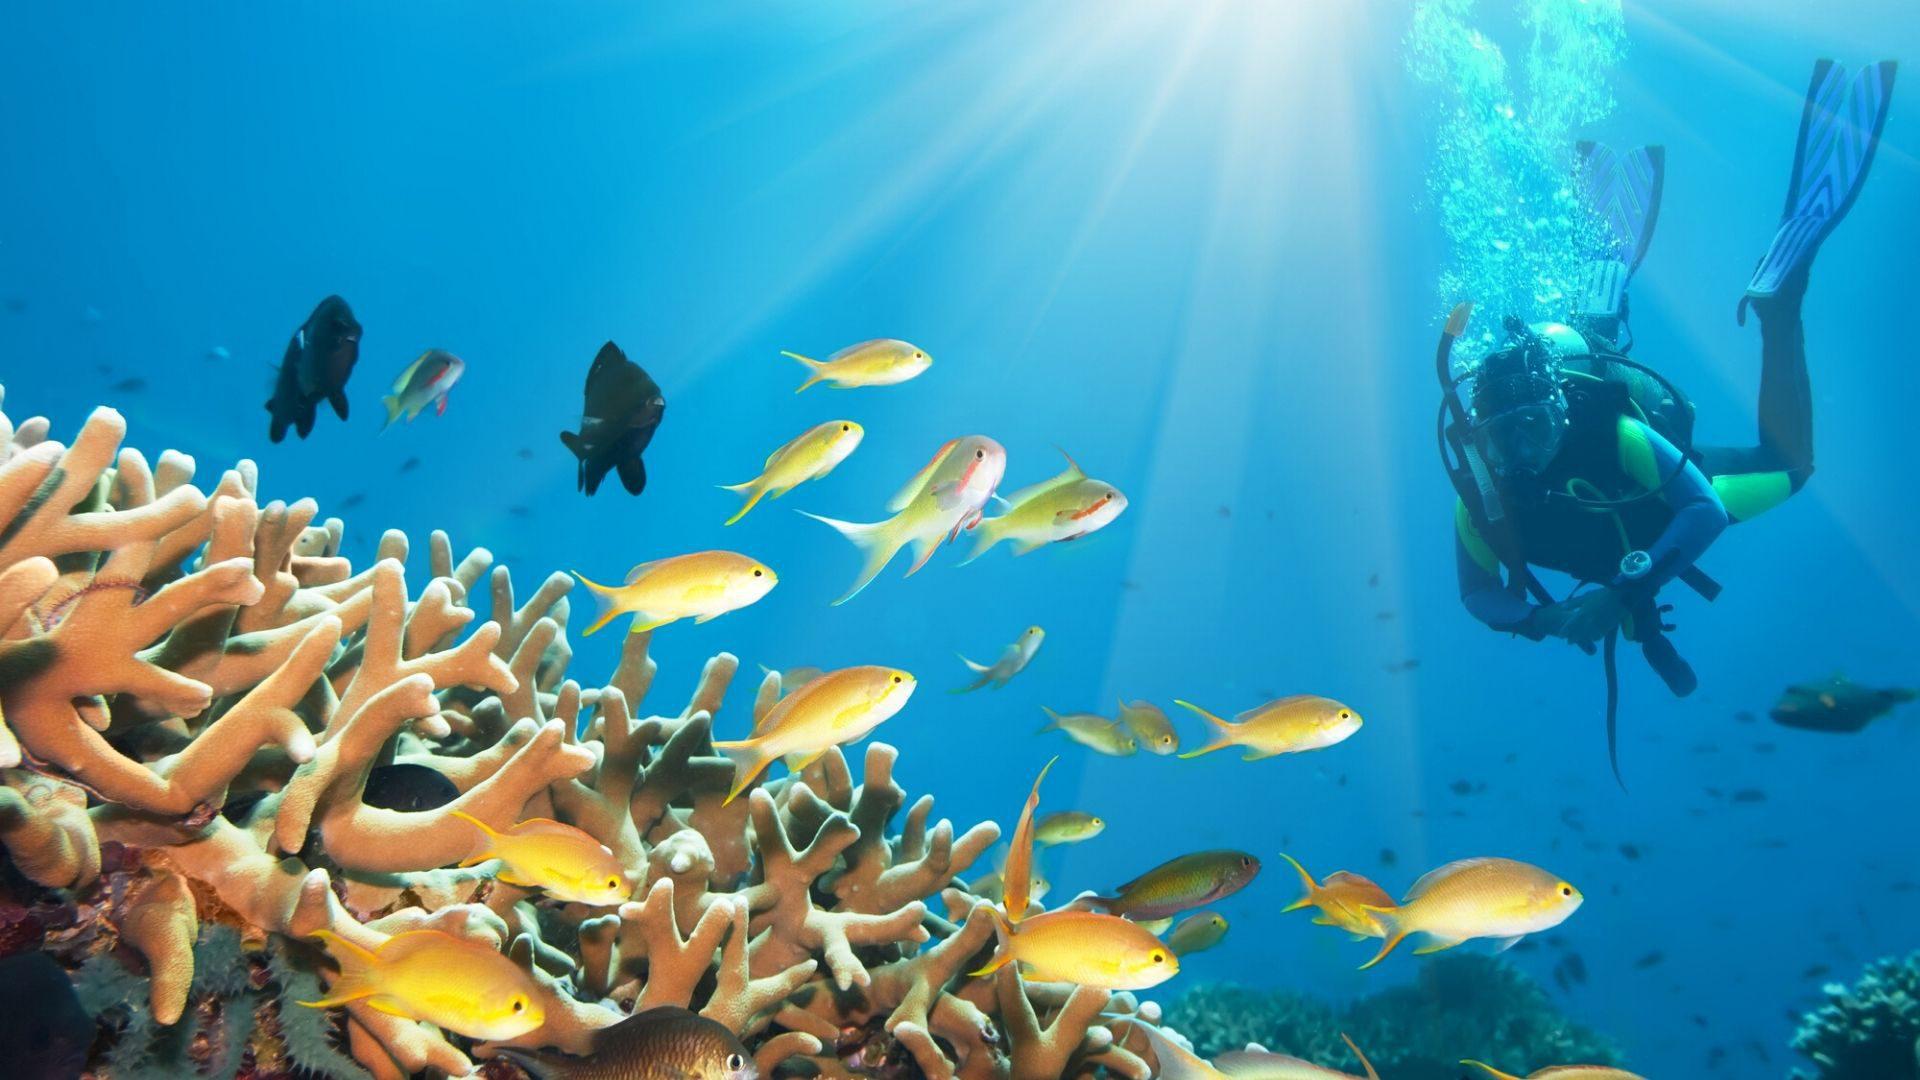 Ilsintis Punta Kanos kurorte rekomenduojame leistis į nardymo nuotykį